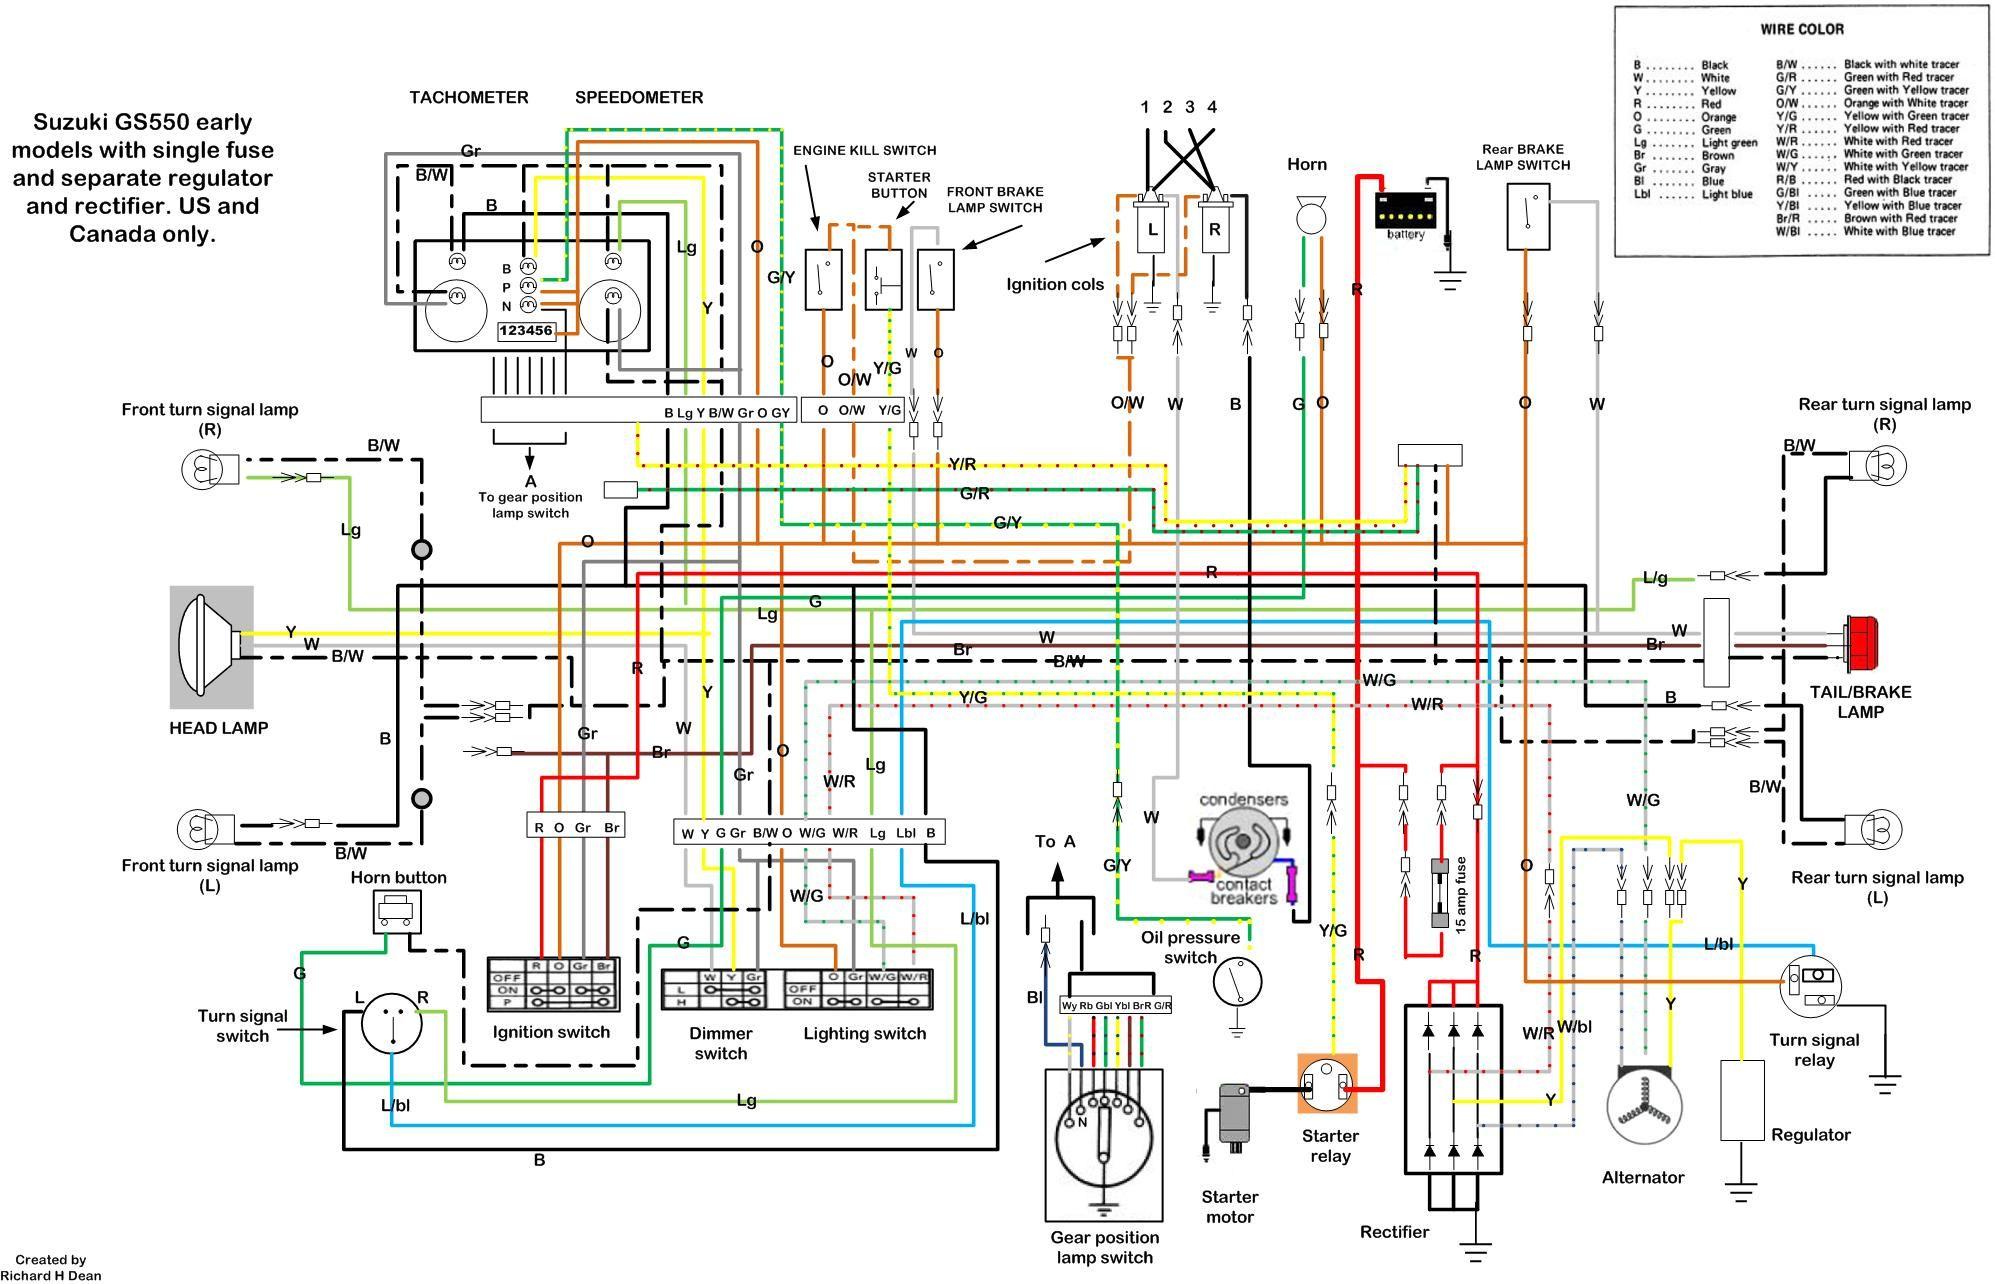 1980 suzuki gs550 wiring diagram 9 6 matthiasmwolf de \u2022